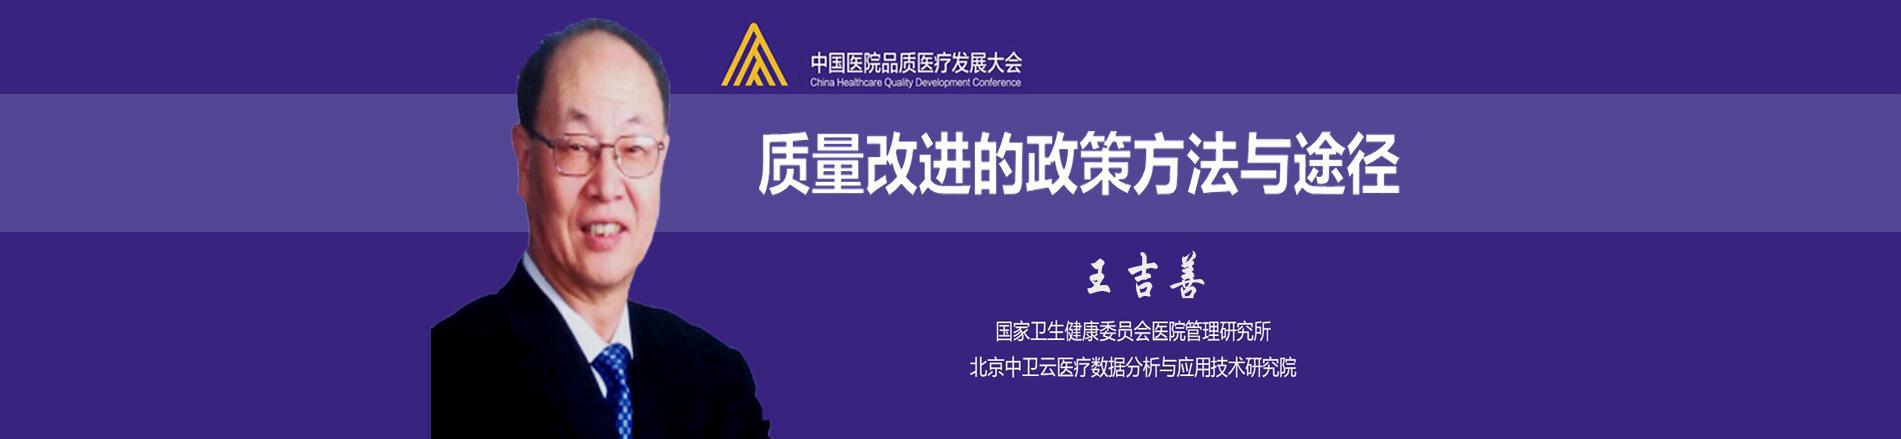 王吉善-质量改进的政策方法与途径x